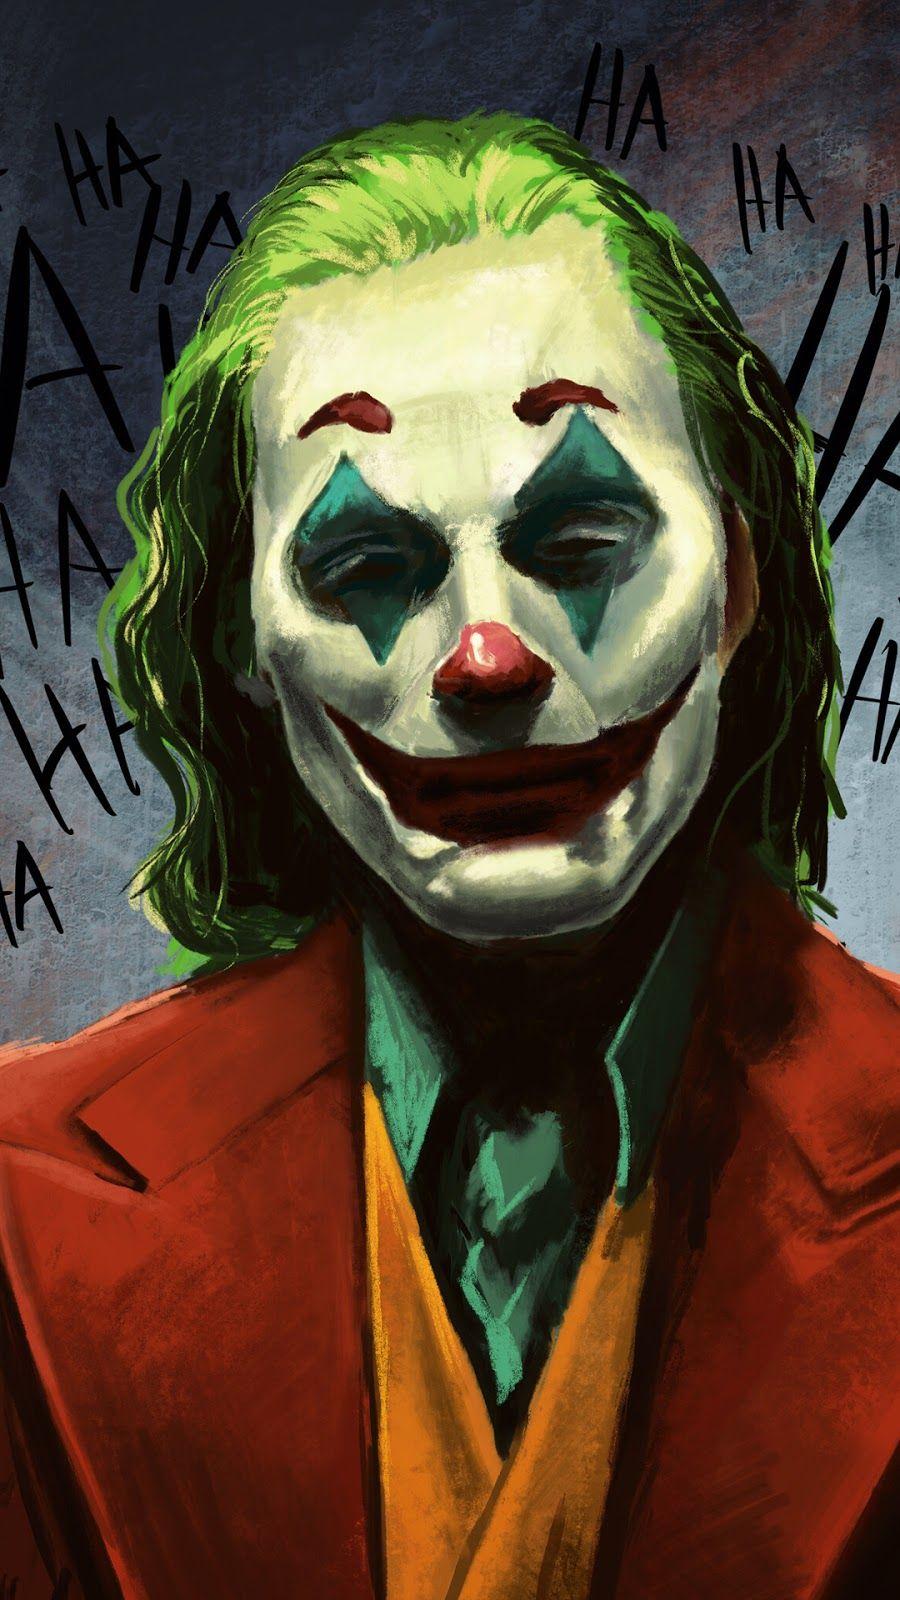 A Wallpaper Of Joker Laughing Art Hd Free Download 1080x1920 In 2020 Joker Wallpapers Joker Joker Art